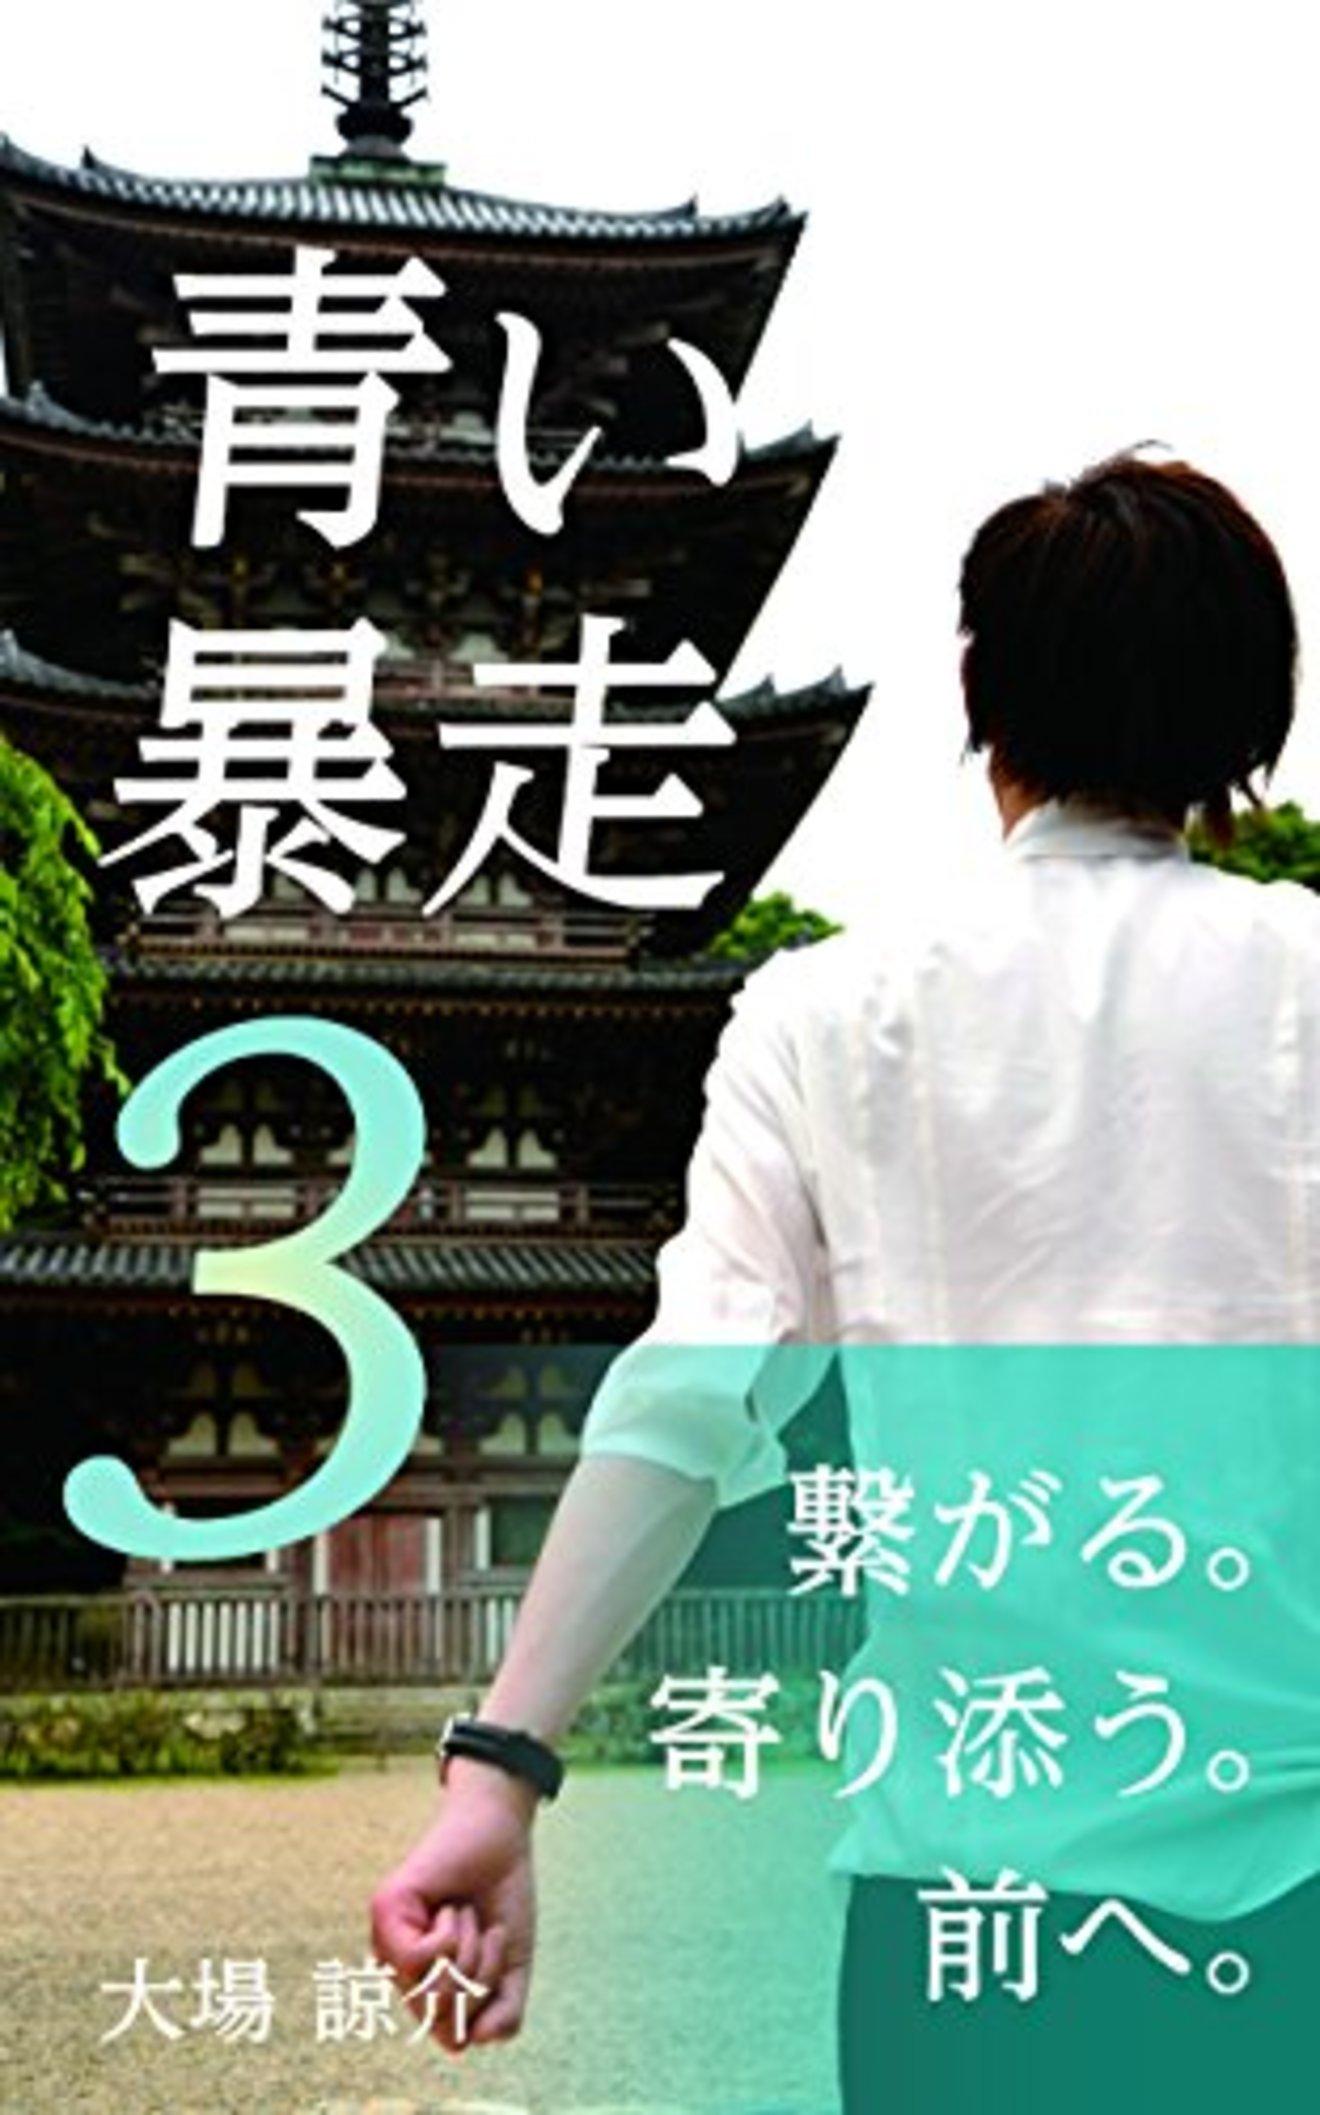 【連載小説】「ロマンティックが終わる時」第7話【毎朝6時更新】